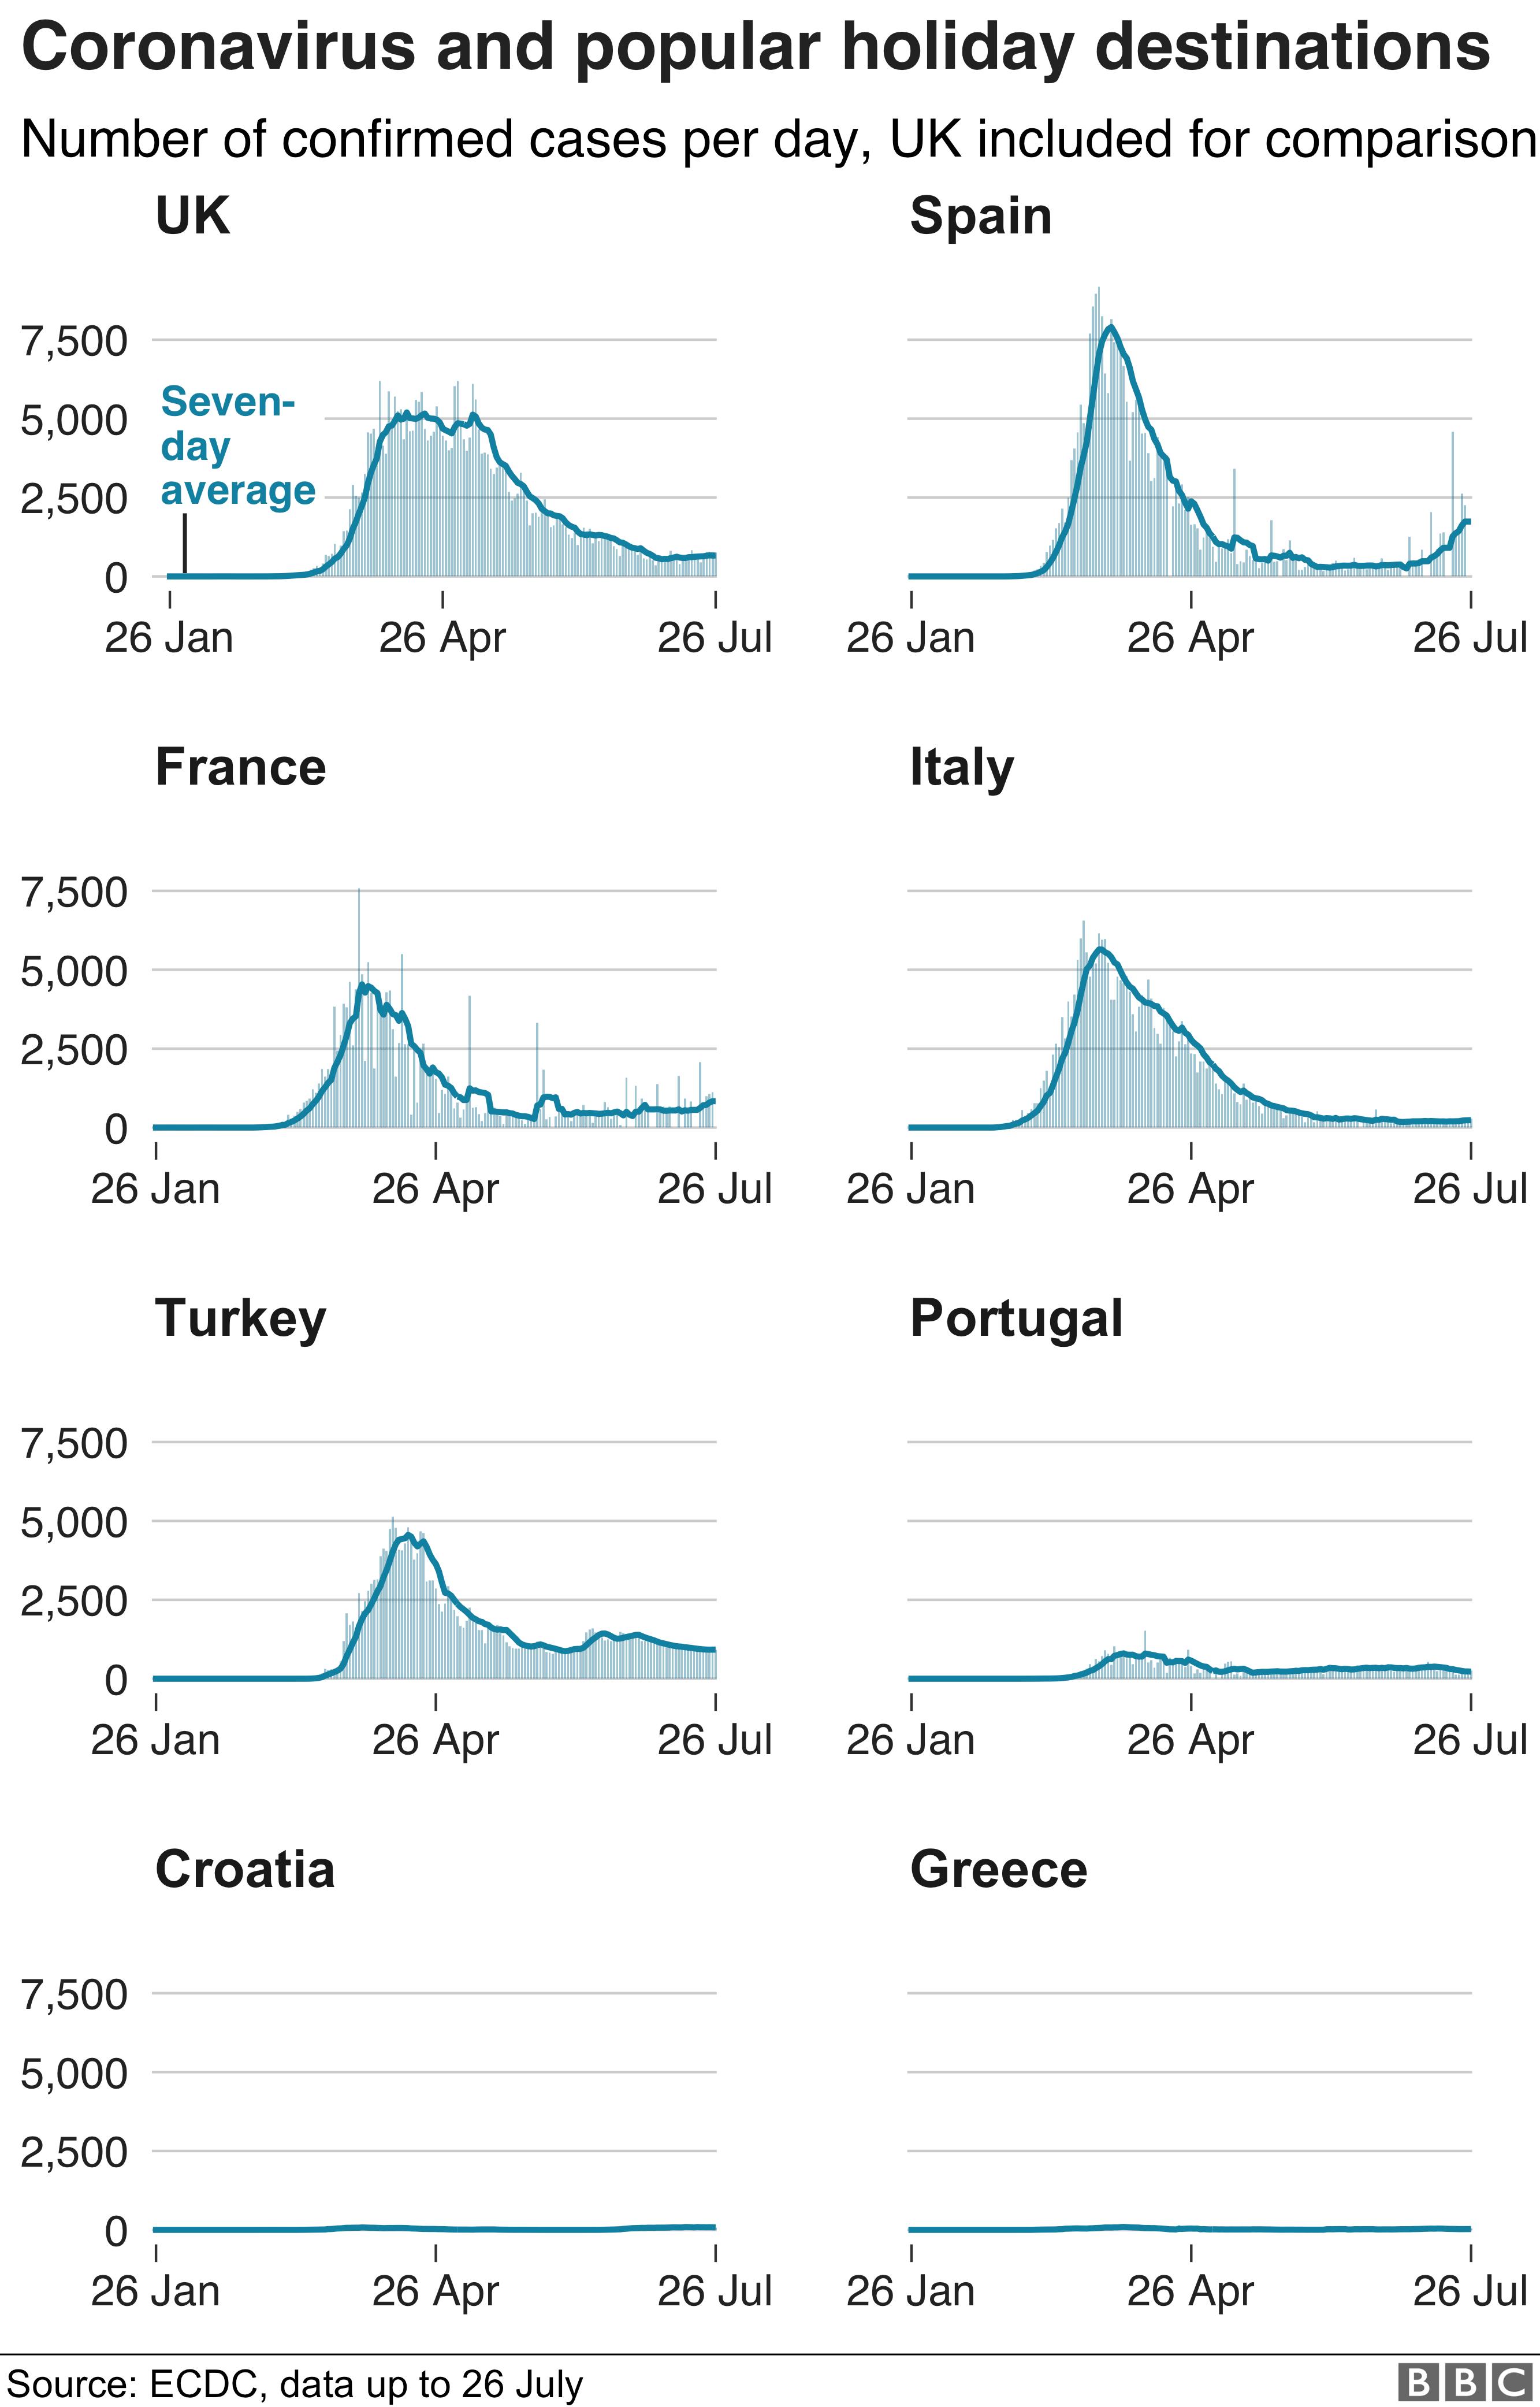 Chart showing the number of coronavirus